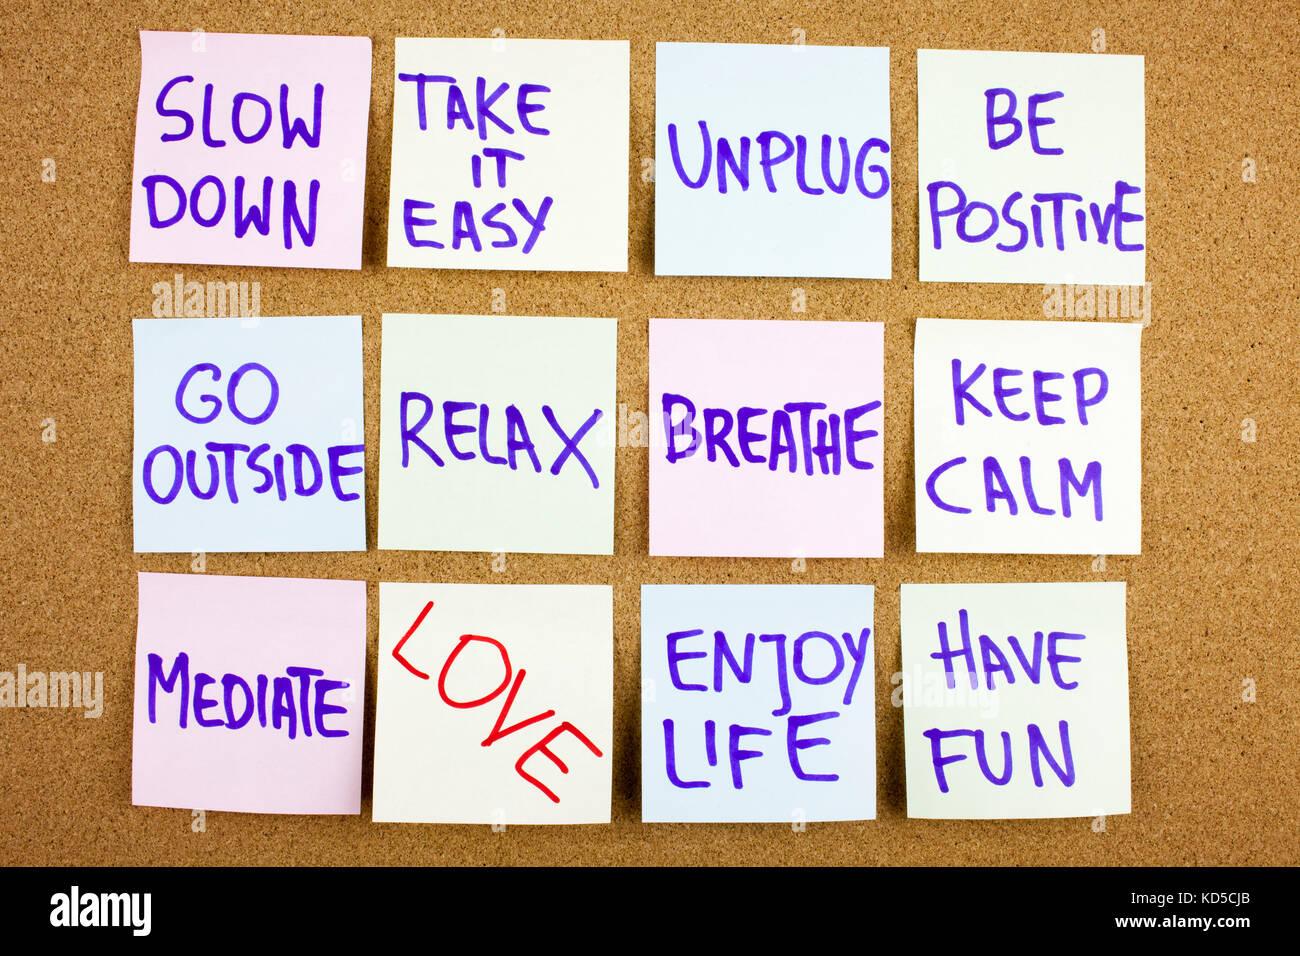 Eine gelbe Haftnotiz schreiben, caption, Beschriftung Verlangsamen, ir leicht positiven gehen werden draußen Stockbild